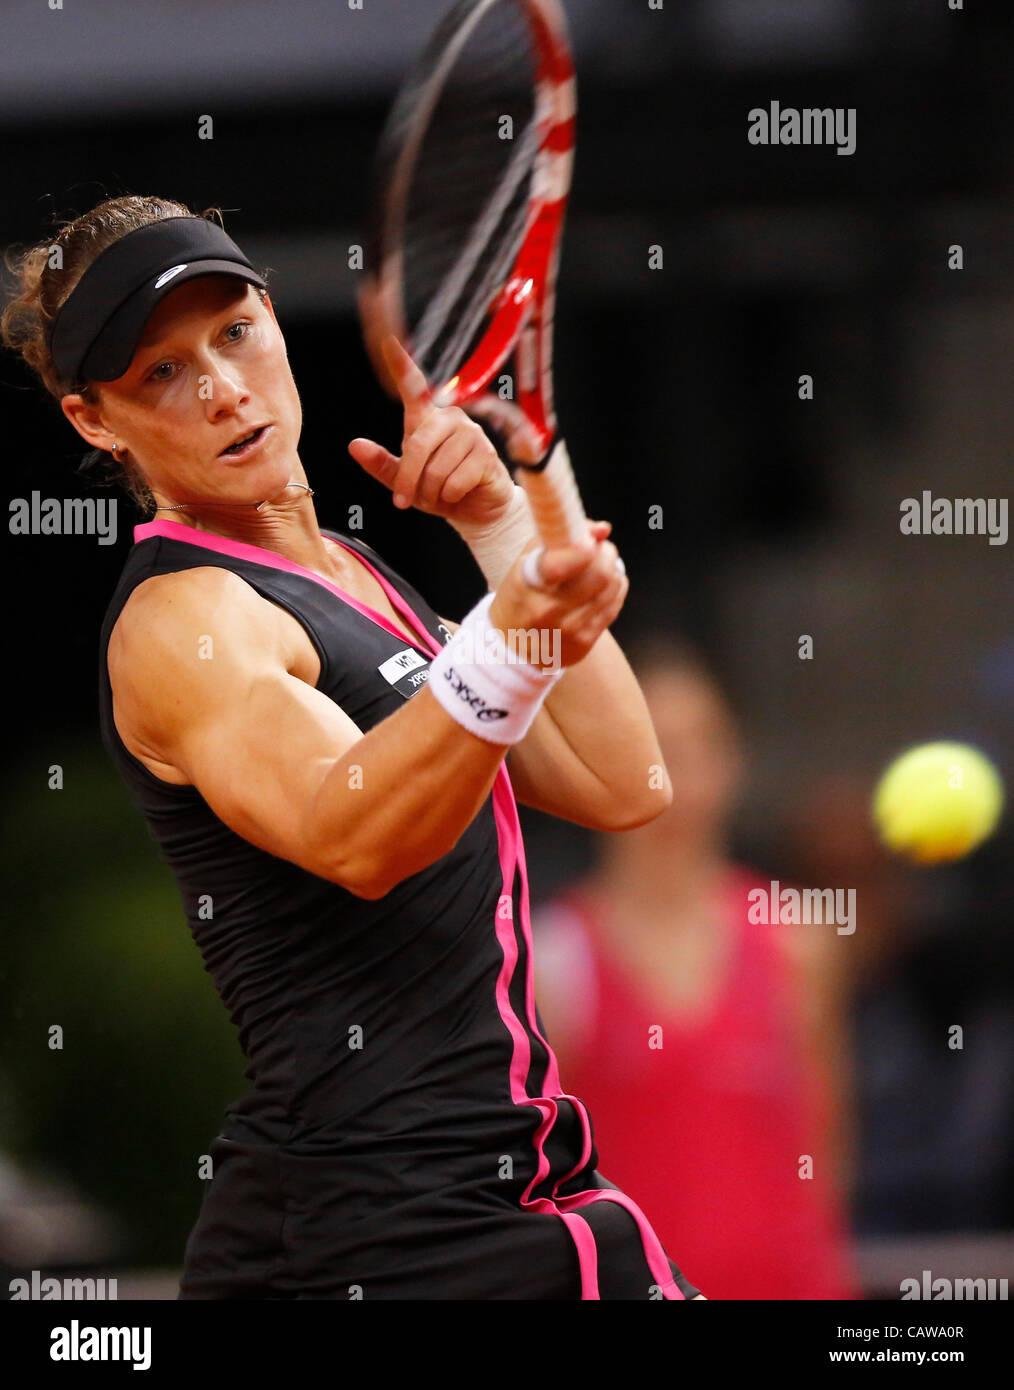 Samantha STOSUR (AUS) Aktion Aufschlag,  Portrait, Kopf, Gesicht, Tennisball, Einzelbild   beim Porsche Tennis Grand - Stock Image